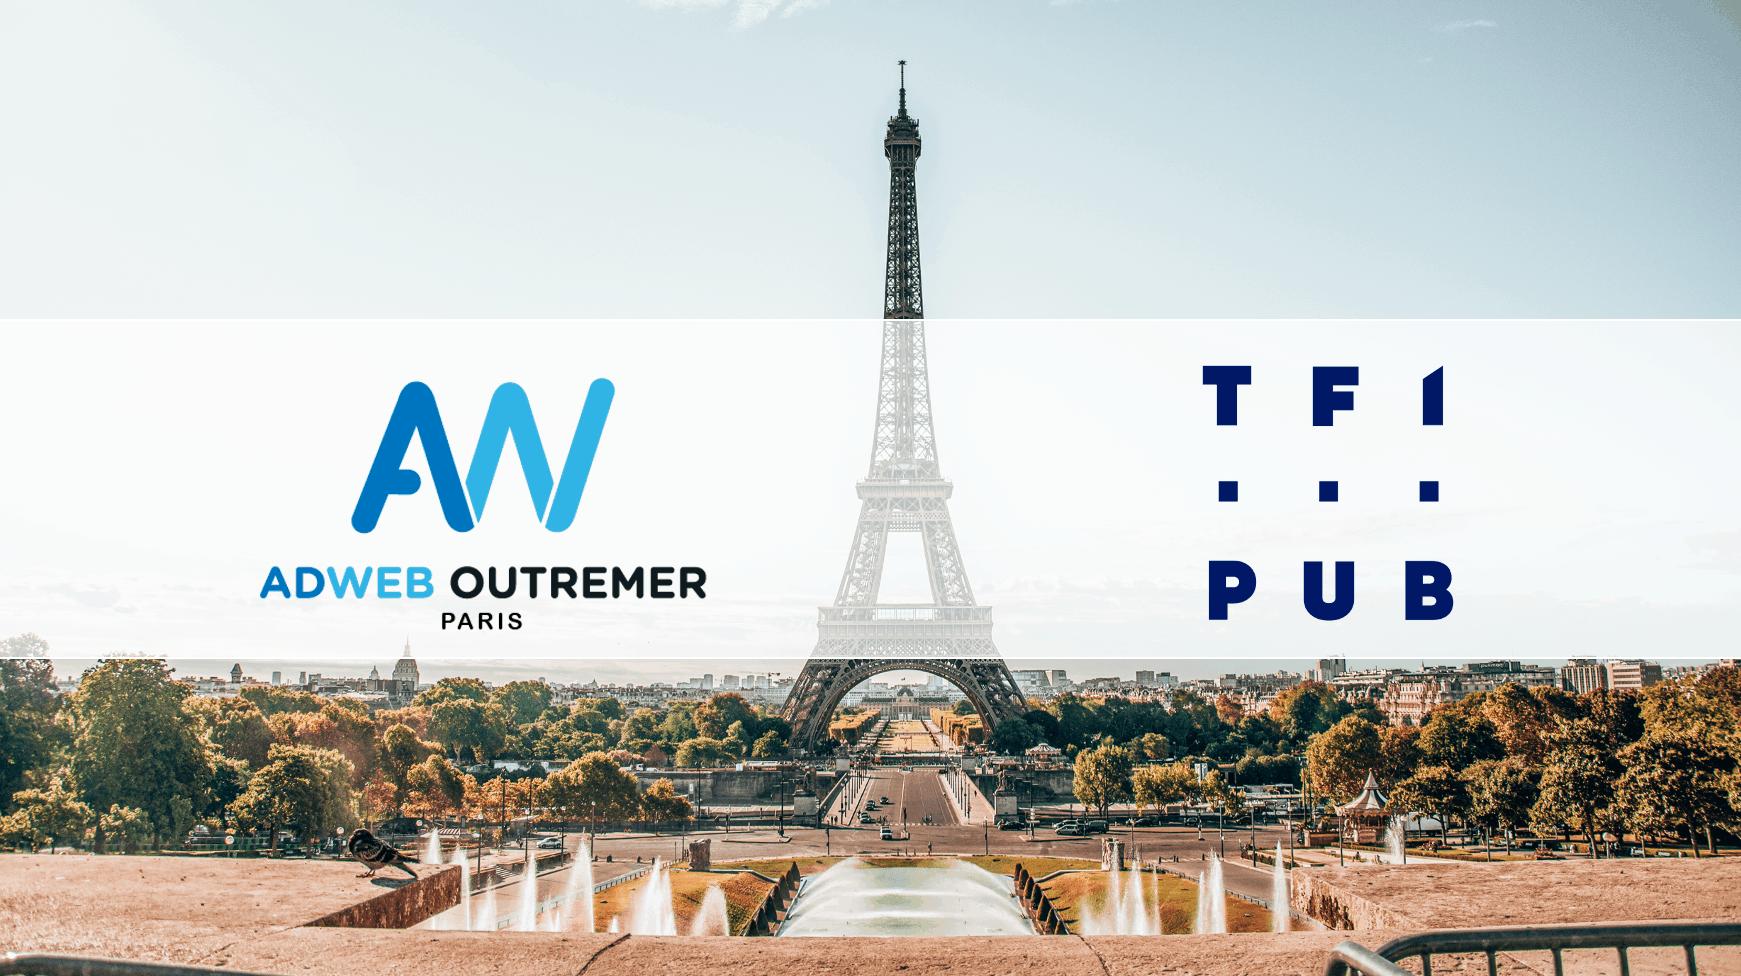 AdWeb OutreMer PARIS